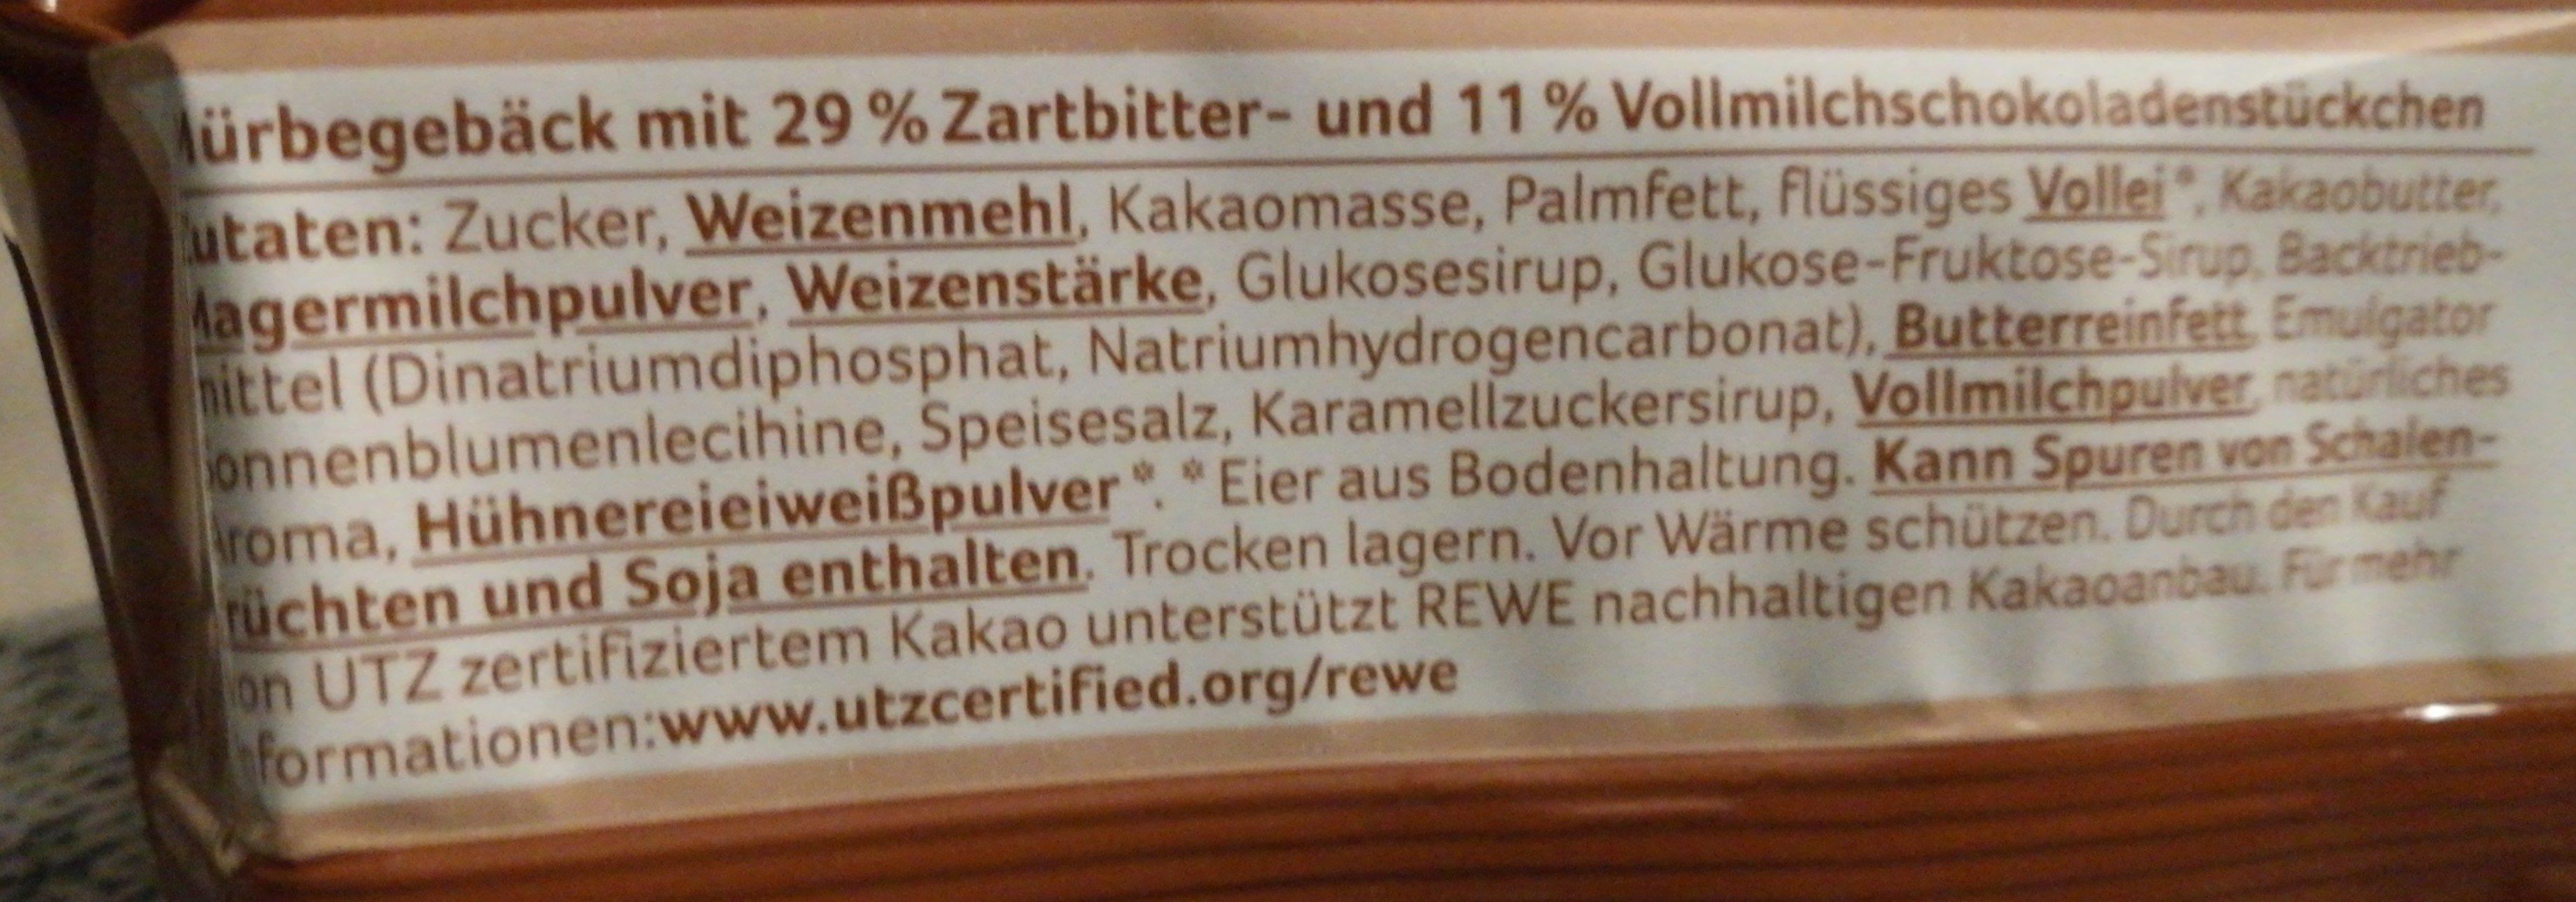 Cookies Mit 40% Schokolade - Rewe Beste Wahl - 150G - Ingrédients